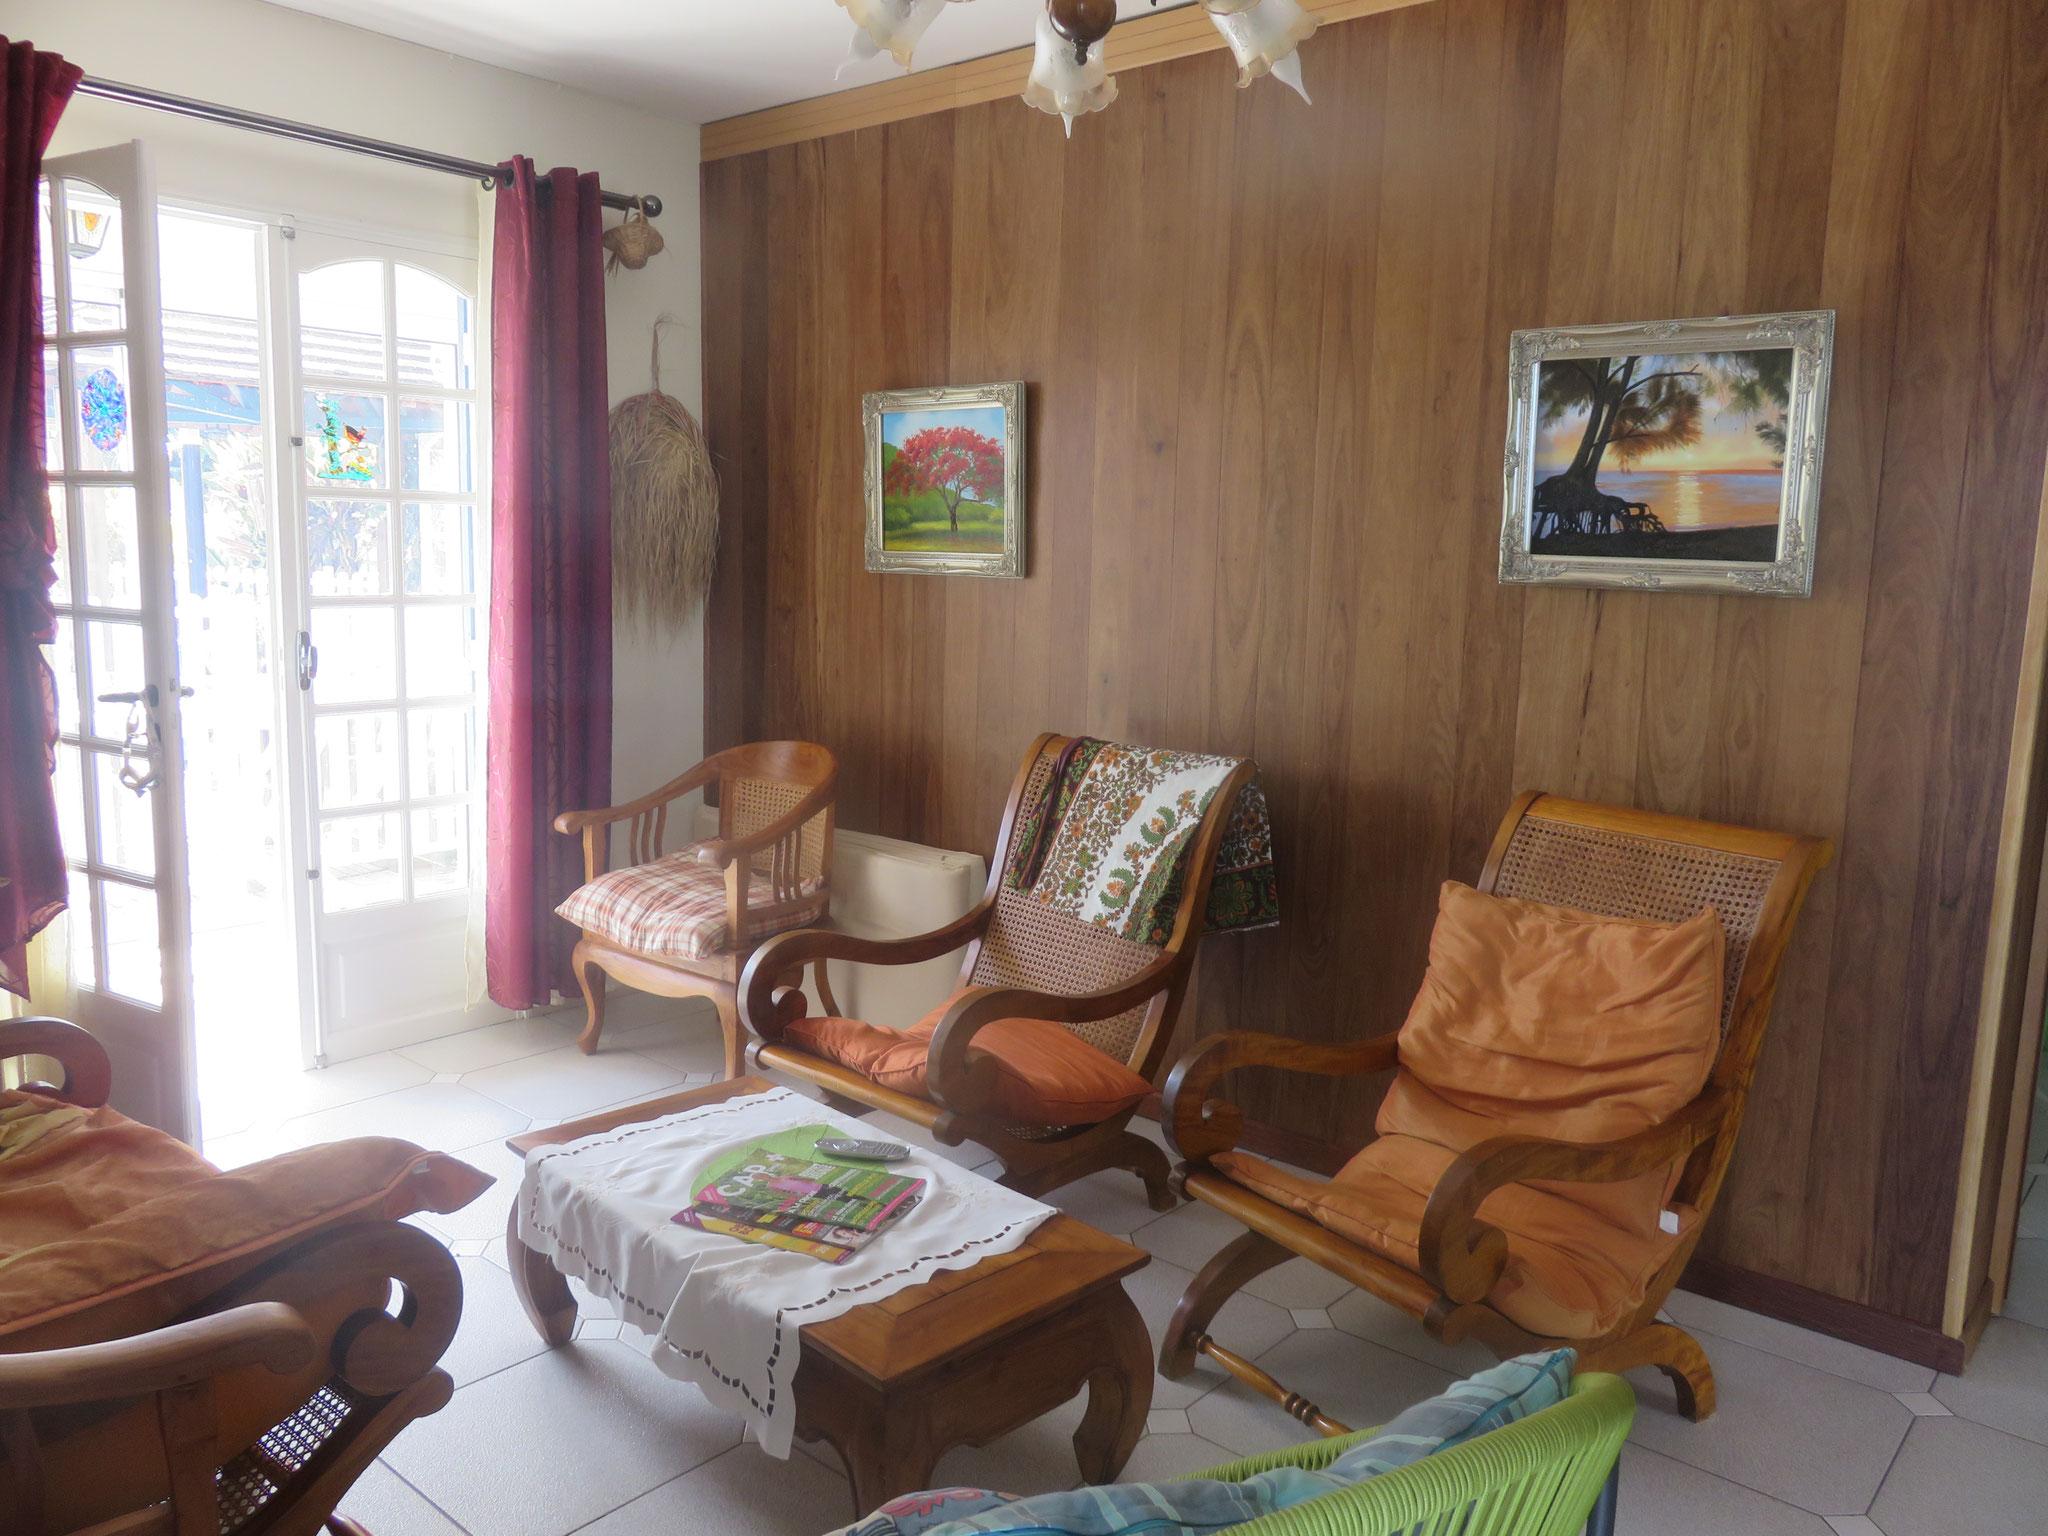 le salon intérieur traditionnel en bois de tamarin